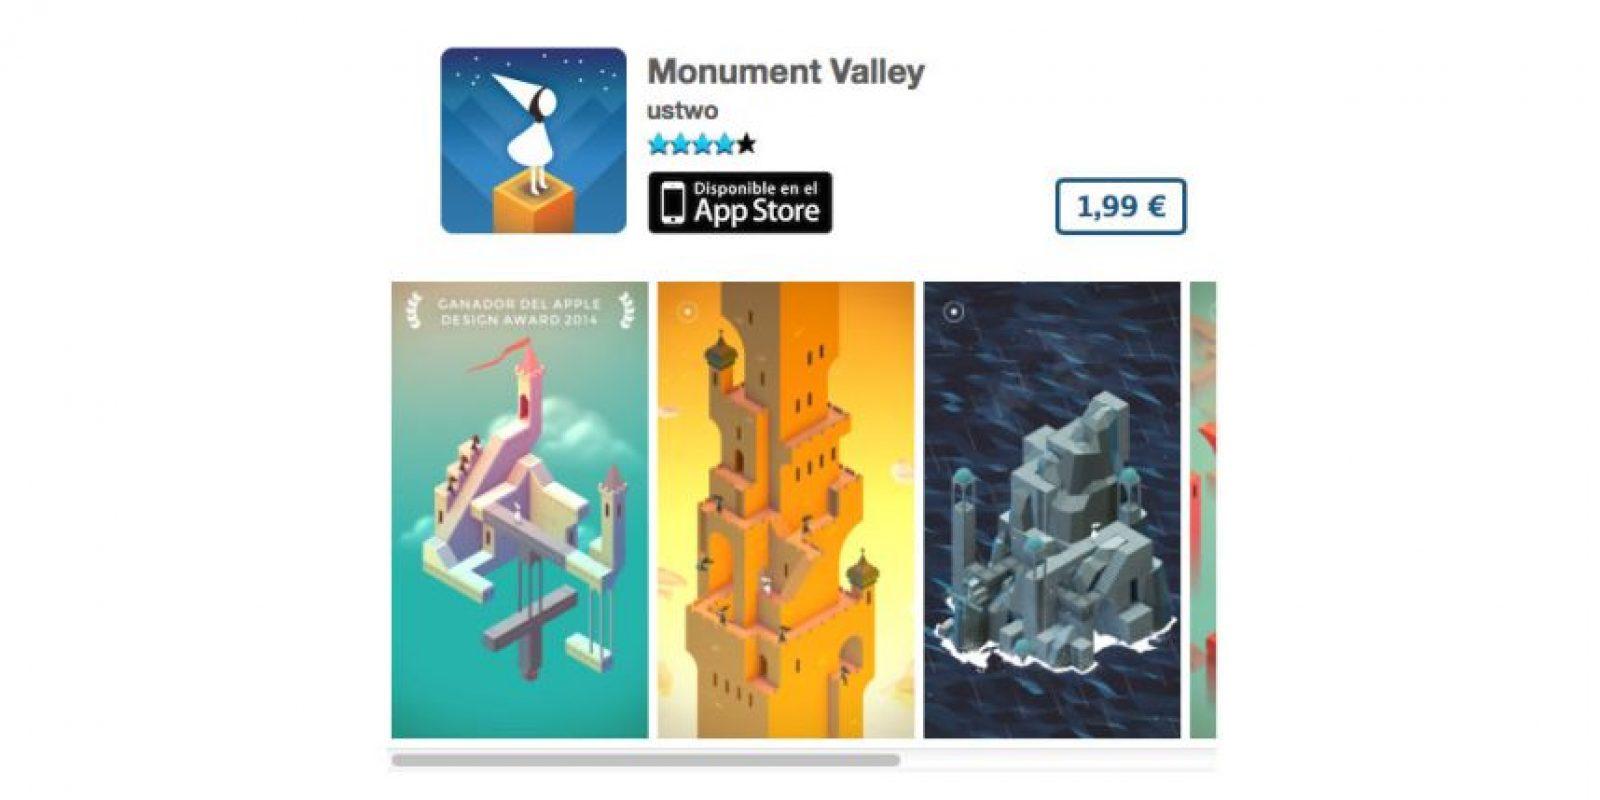 Monument Valley es un juego de diseño que ganó el premio Apple Design 2014. Precio tres dólares Foto:De ustwo™